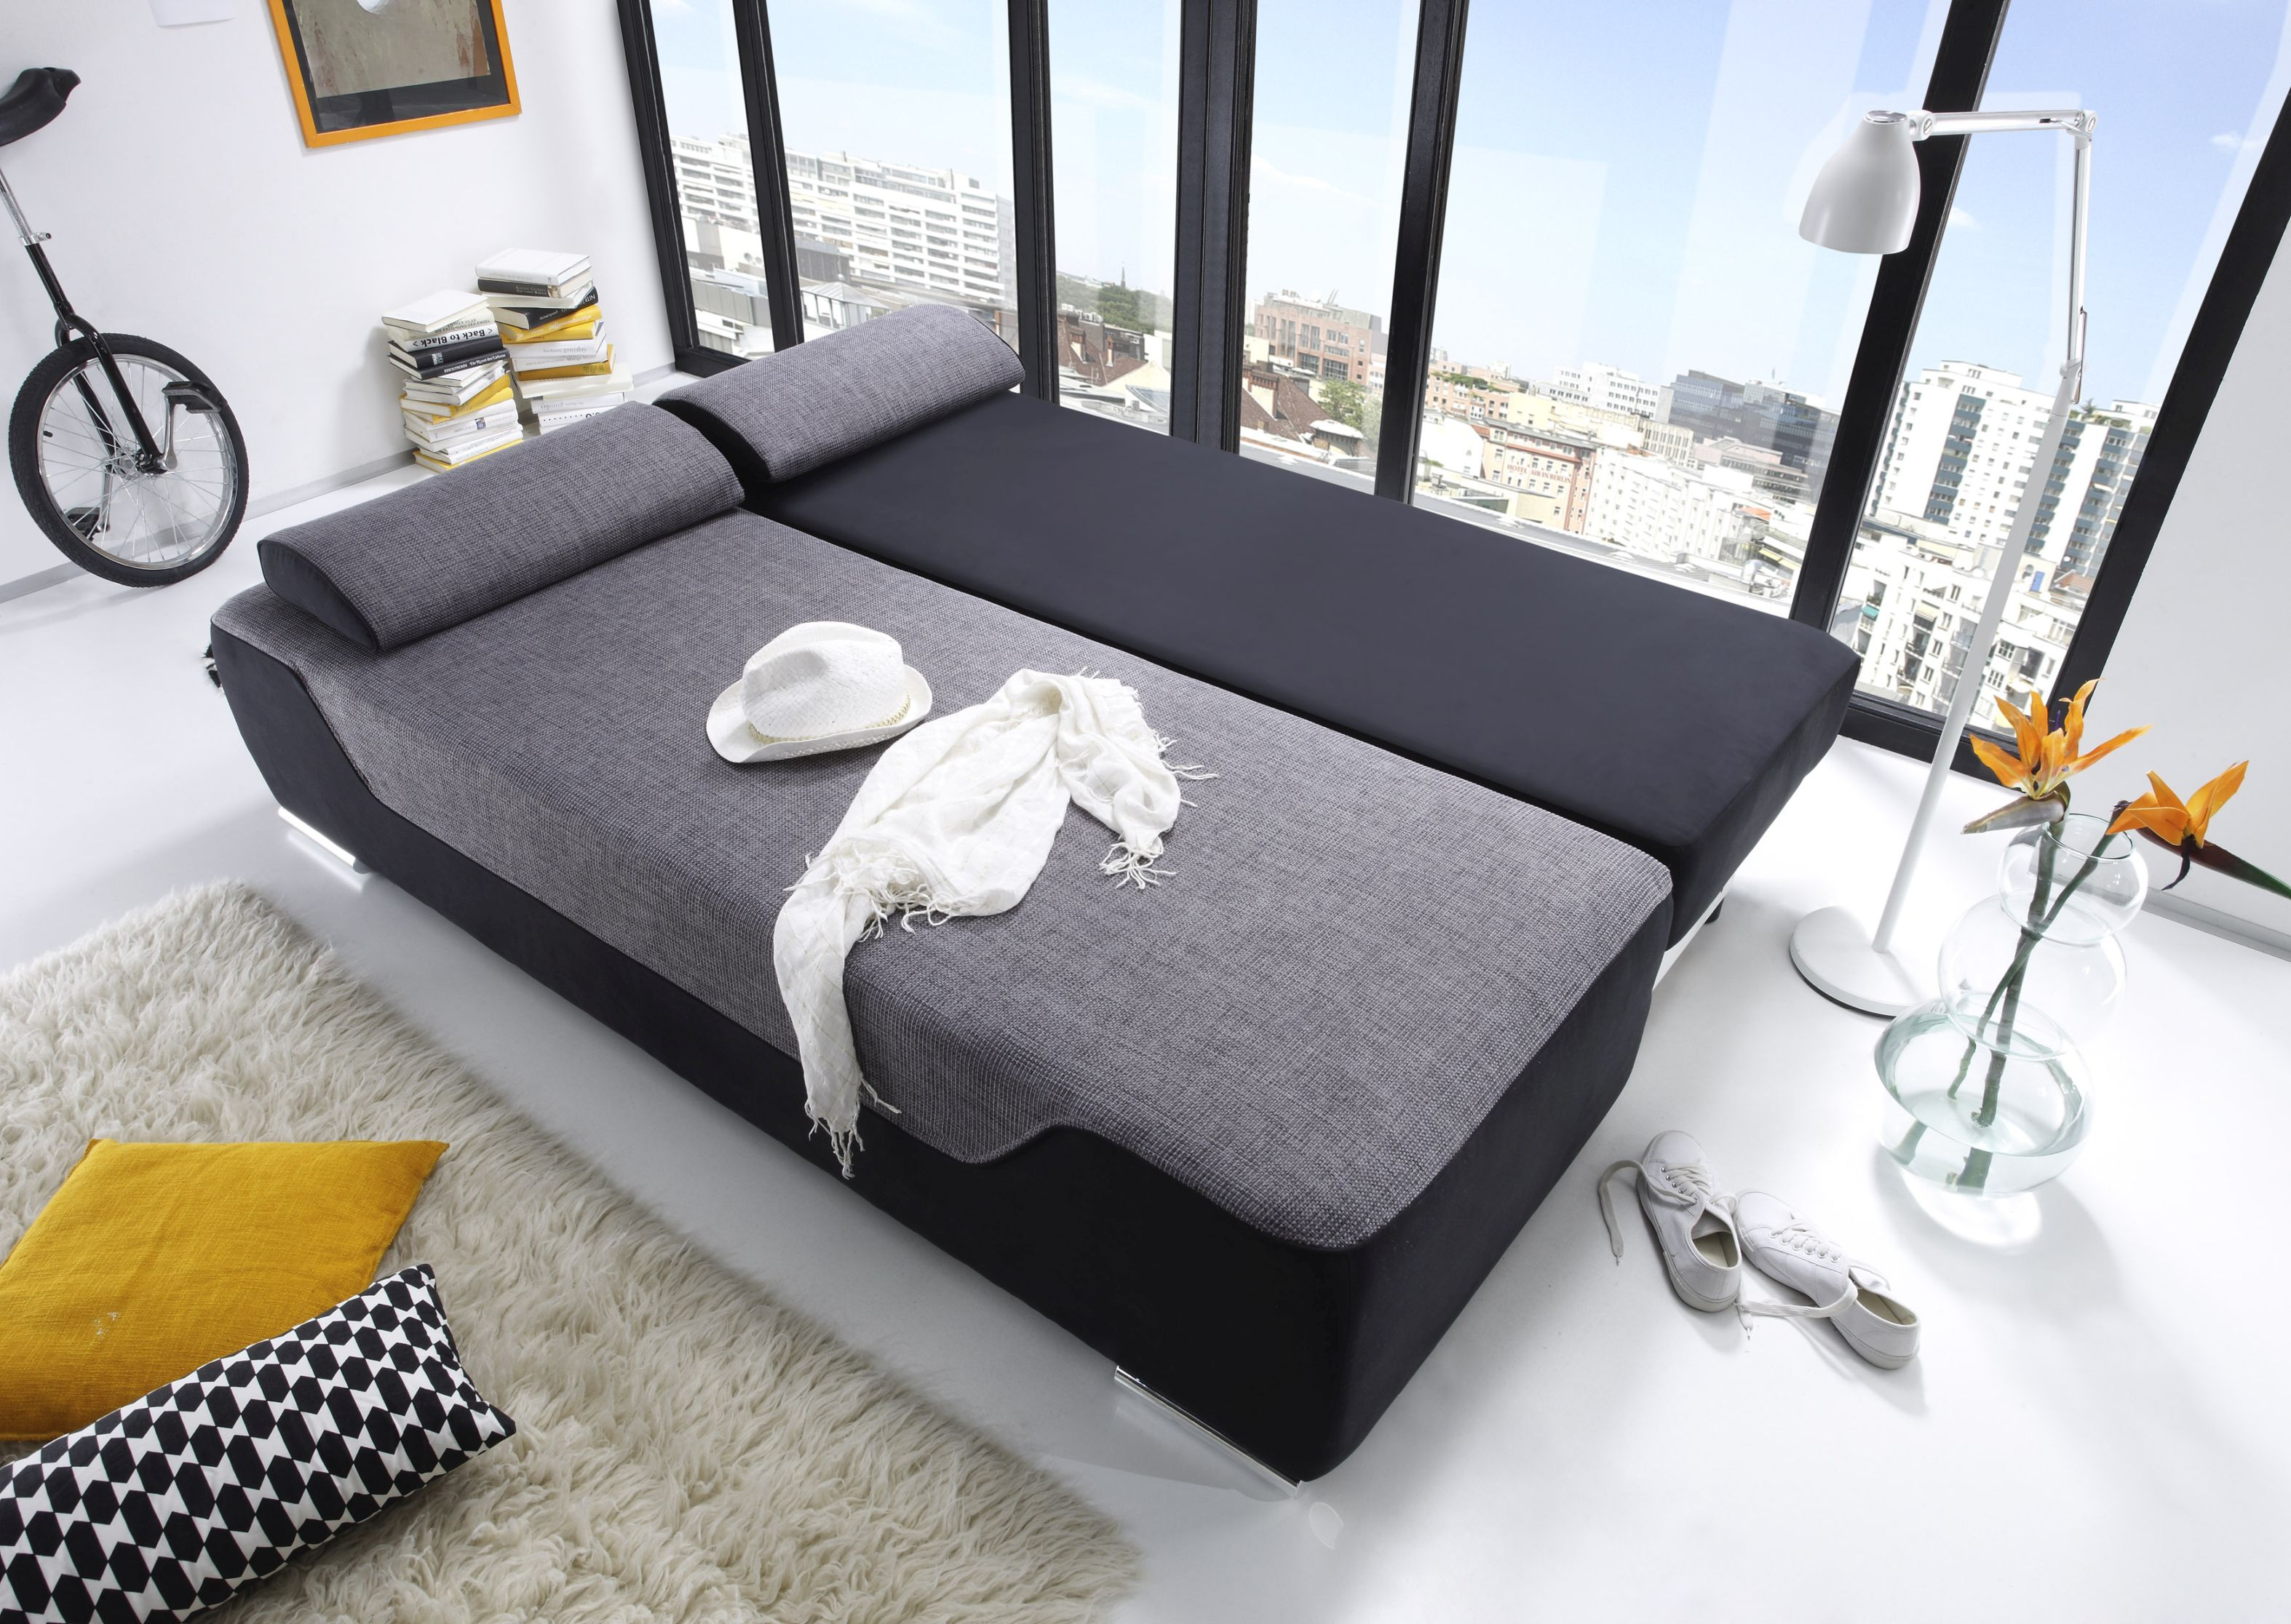 couch schlafsofa sofabett funktionssofa ausziehbar schwarz 200 cm ebay. Black Bedroom Furniture Sets. Home Design Ideas